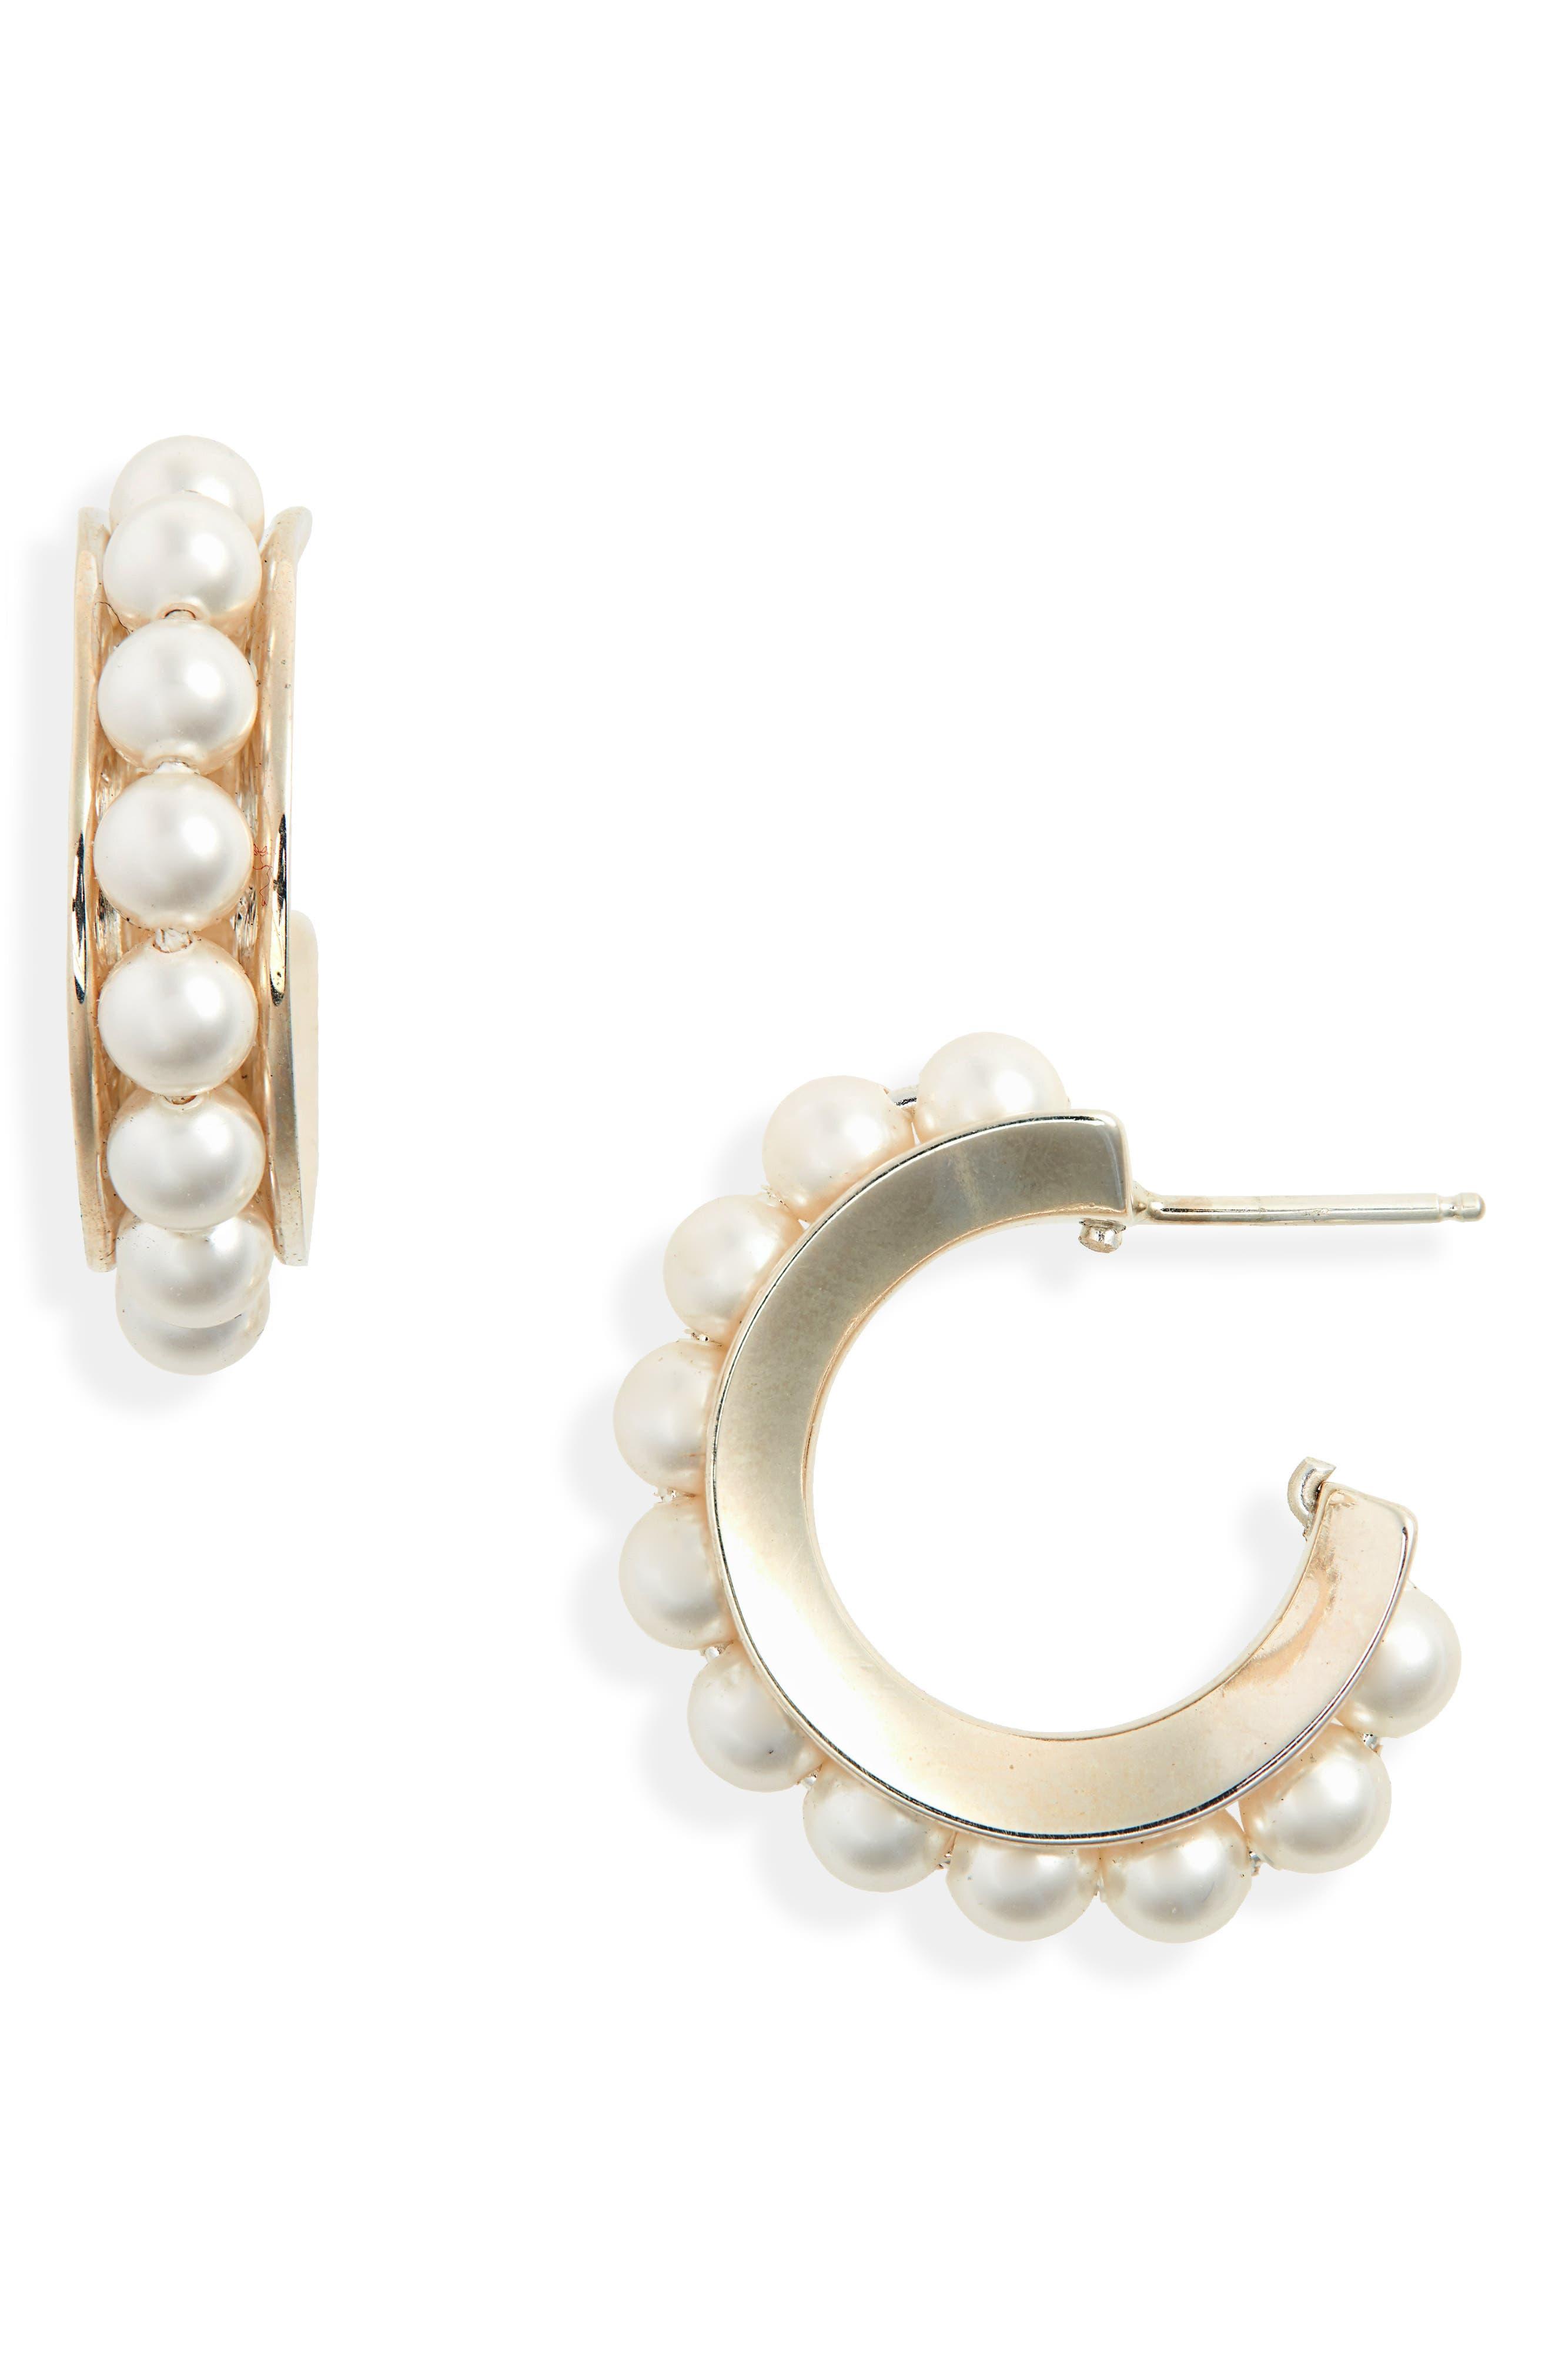 SOPHIE BUHAI Imitation Pearl Hoop Earrings in Swarovski Crystal Pearl